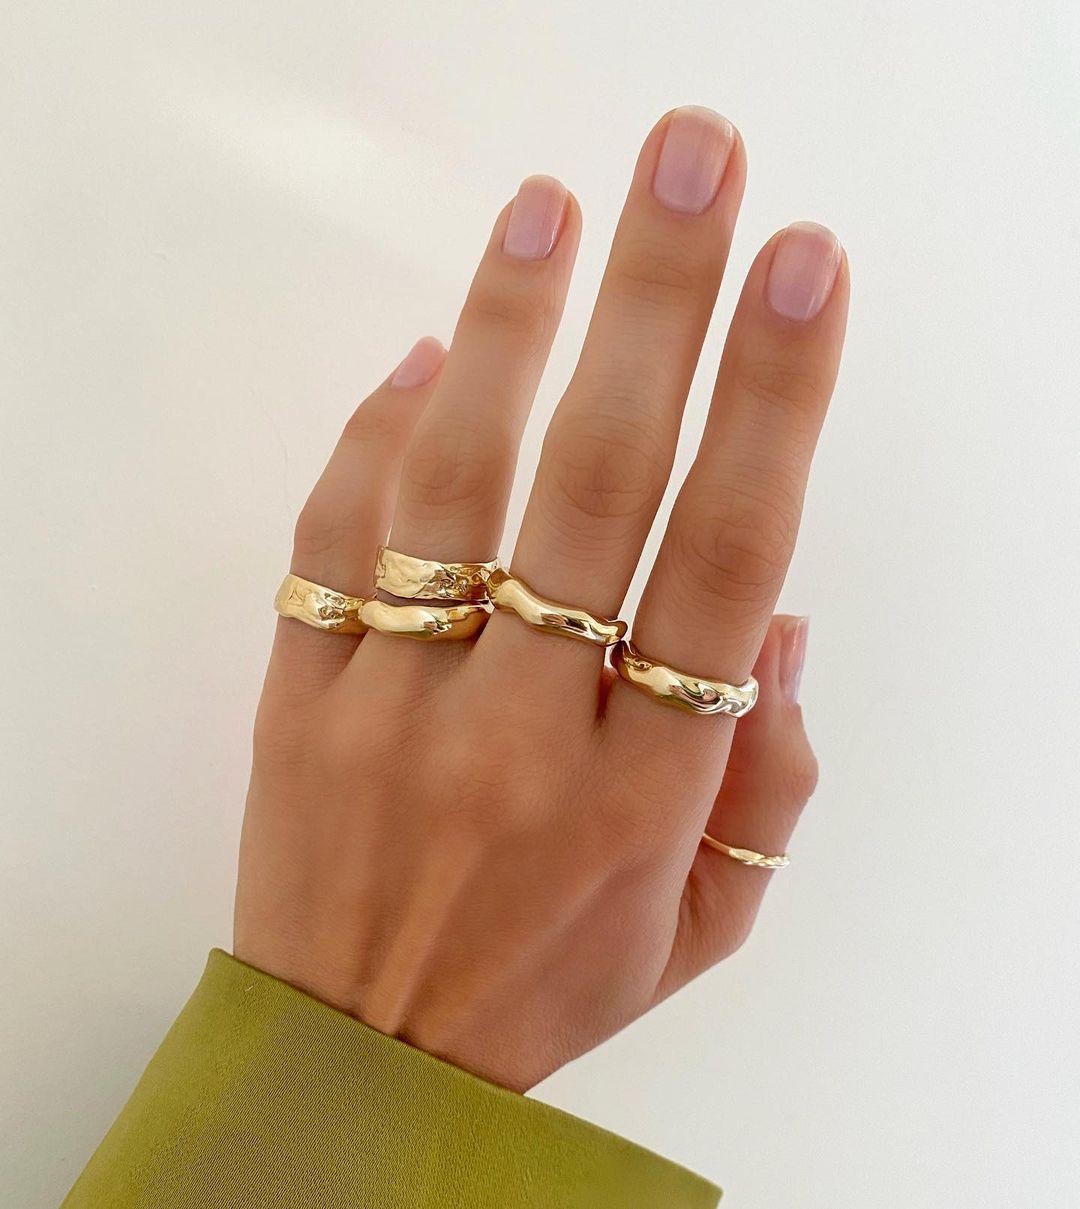 Натуральний манікюр: як прибрати залишки яскравого лаку з нігтів